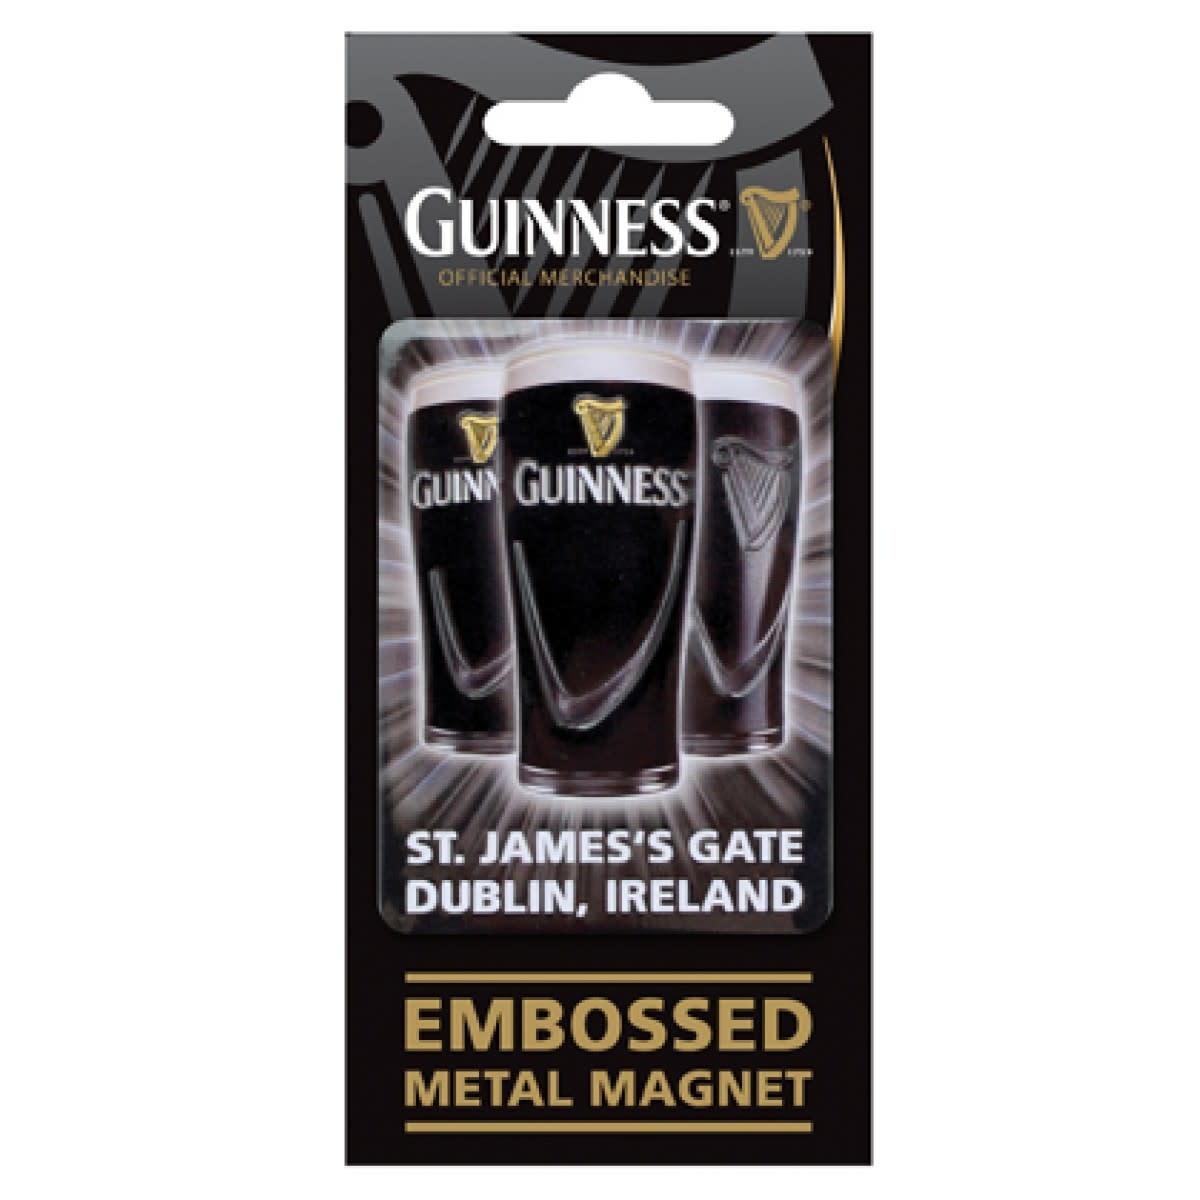 Guinness Guinness: Embossed Magnet, Pints